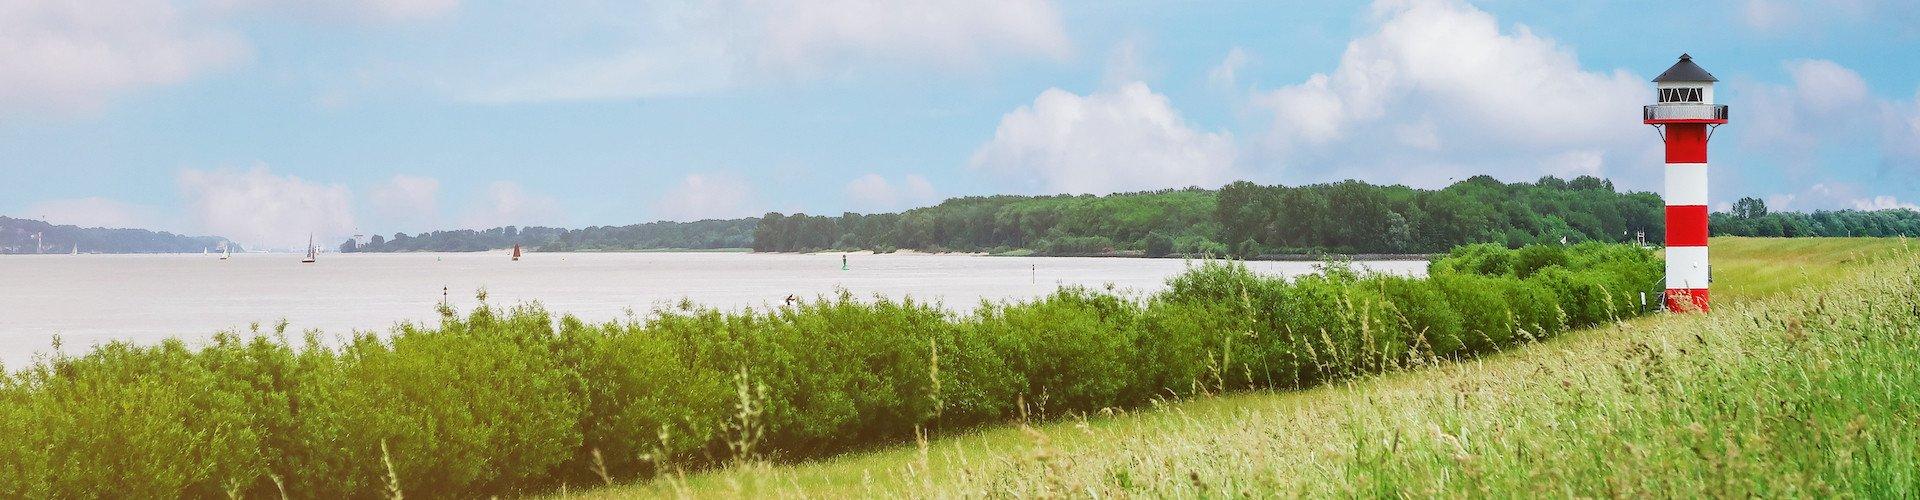 Familienurlaub an Weser, Ems und Elbe